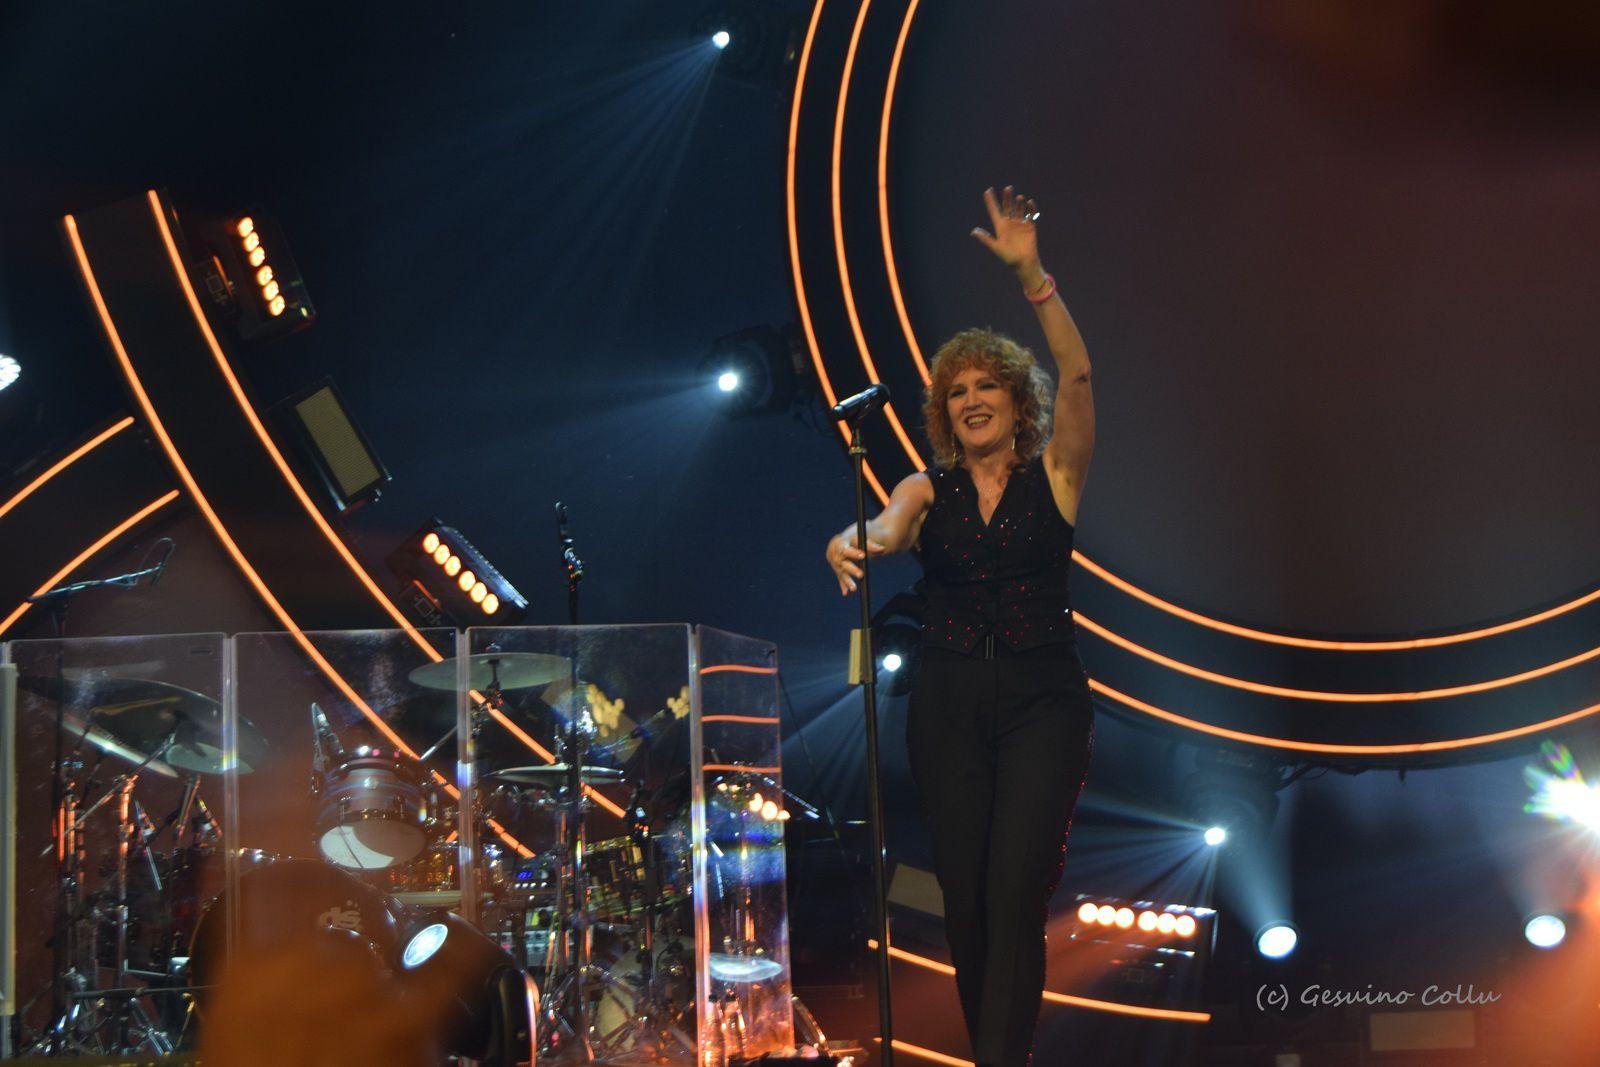 """SUCCESSO DI FIORELLA MANNOIA IN """"PERSONALE TOUR"""" ALL'ARISTON DI SANREMO"""